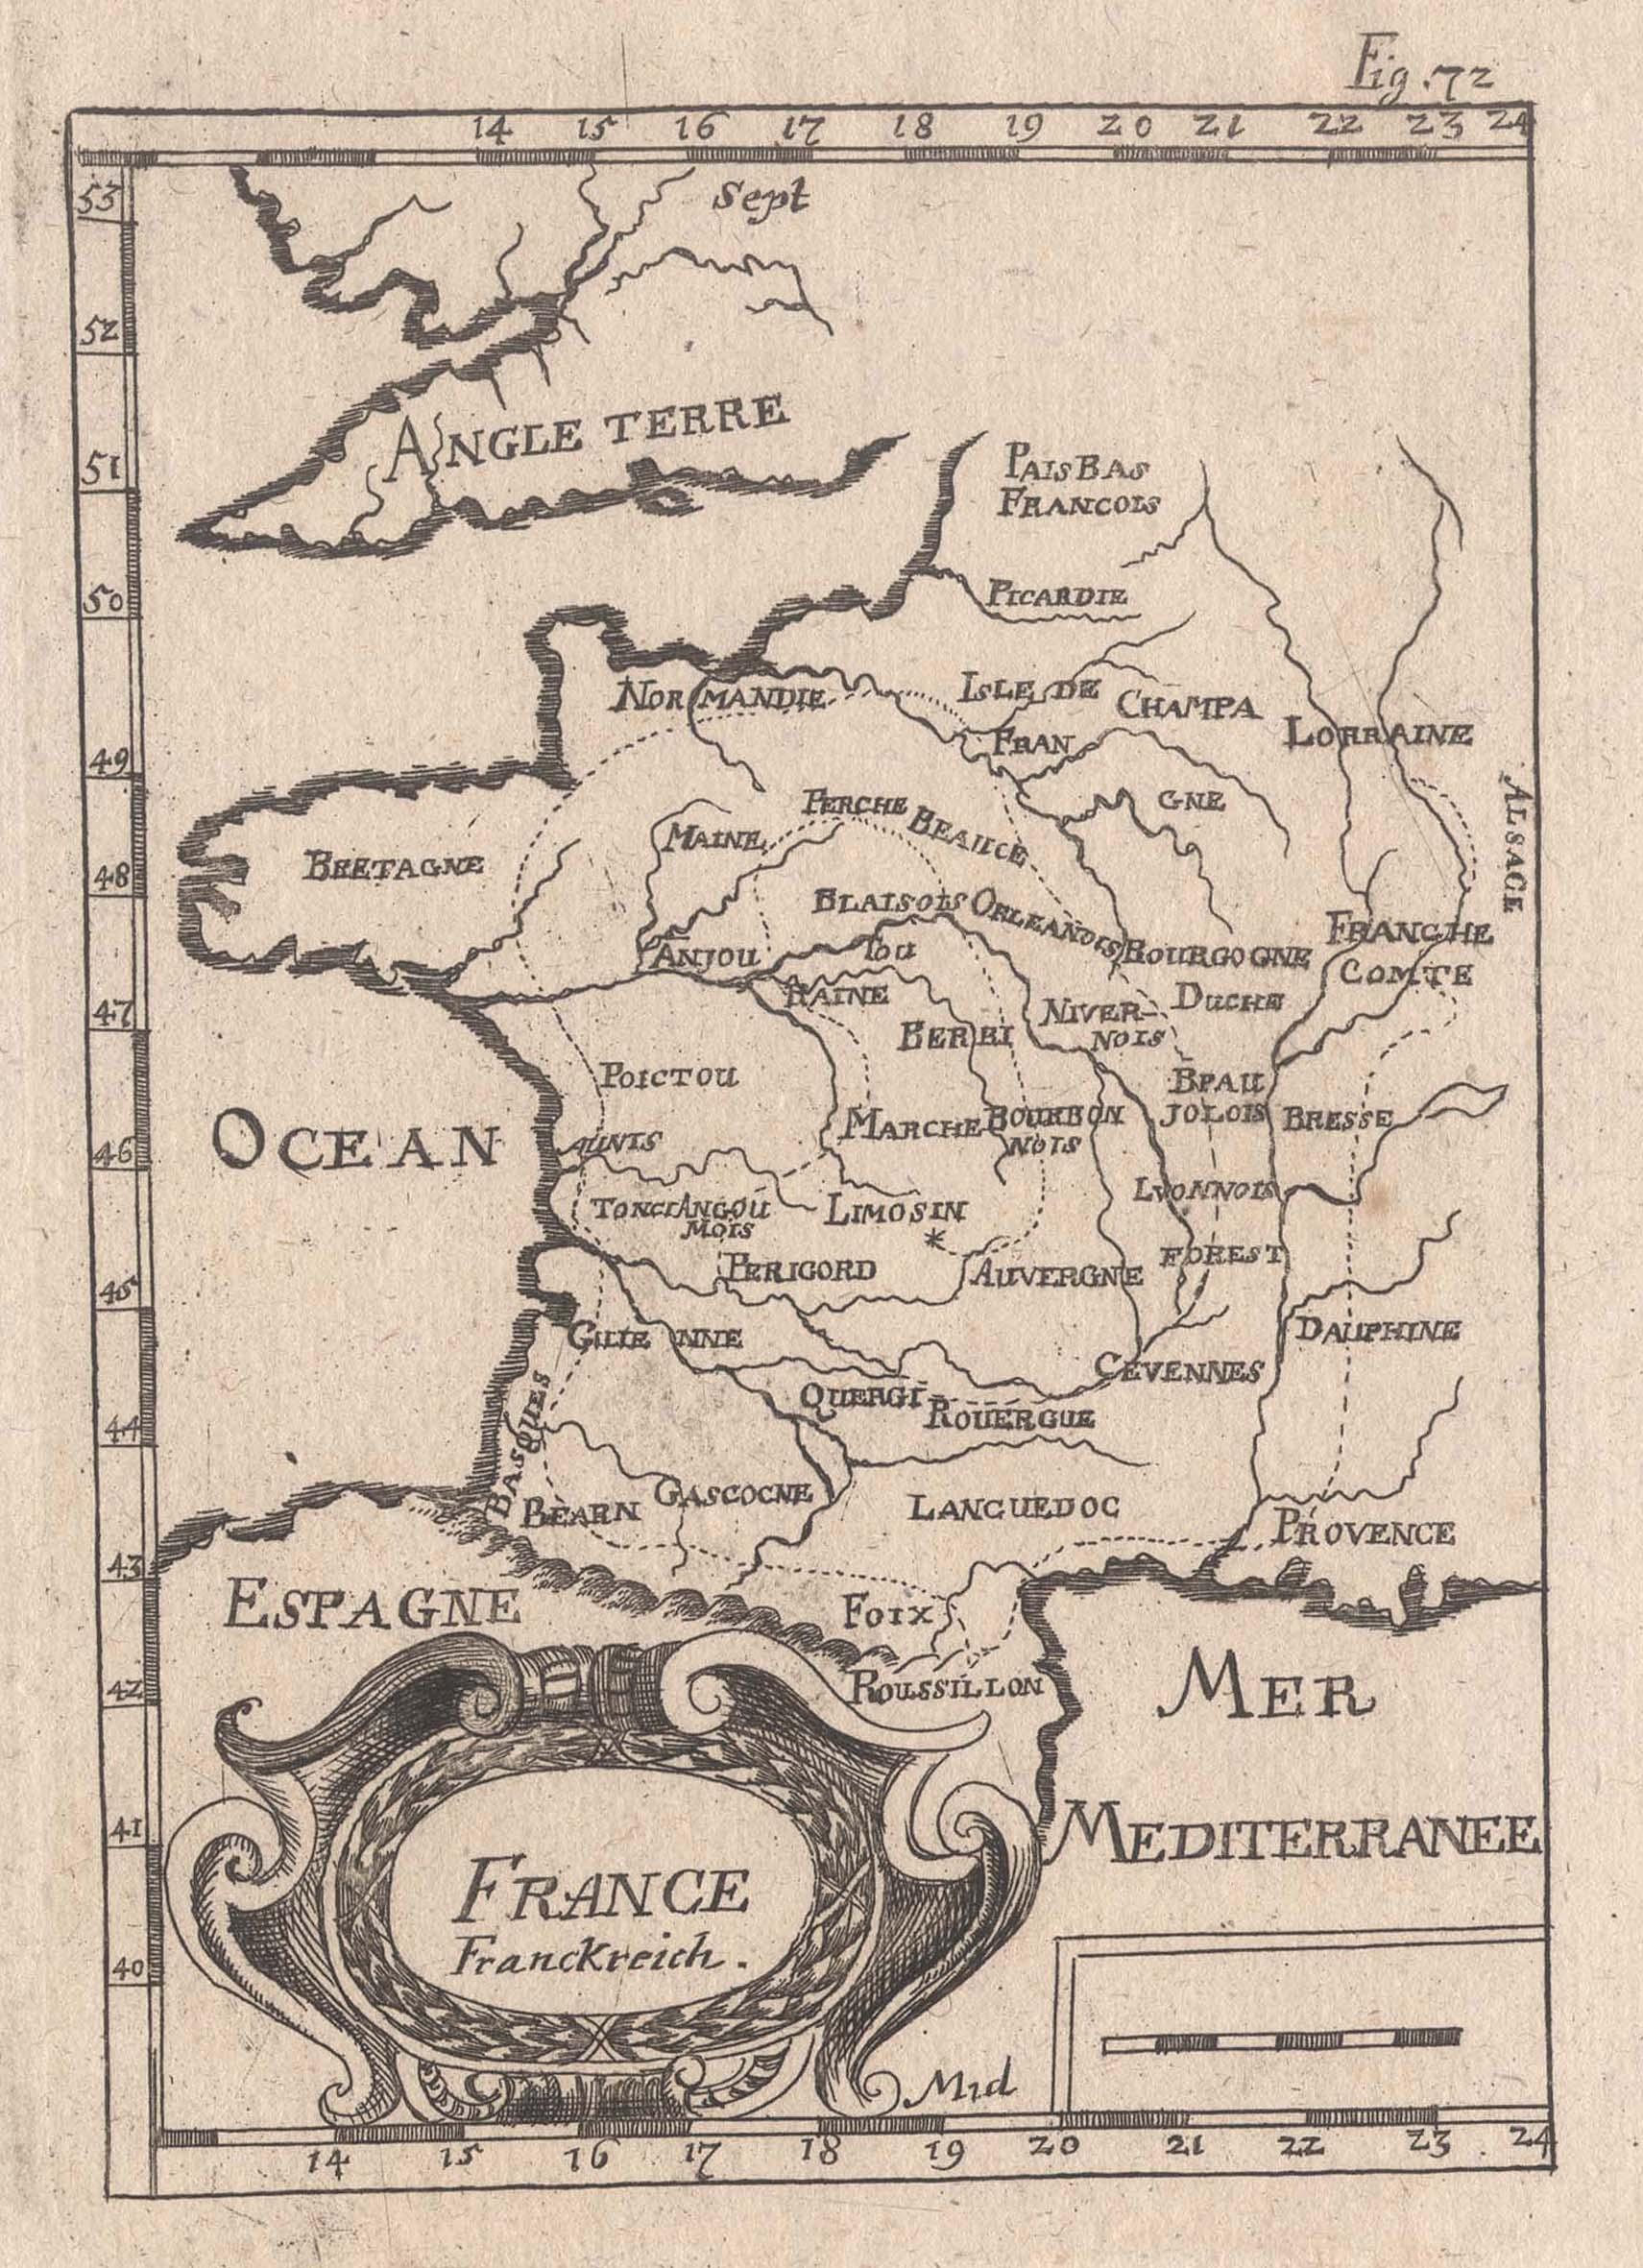 """Kst.- Karte, aus Mallet, """"France Franckreich."""".: Frankreich ( France"""